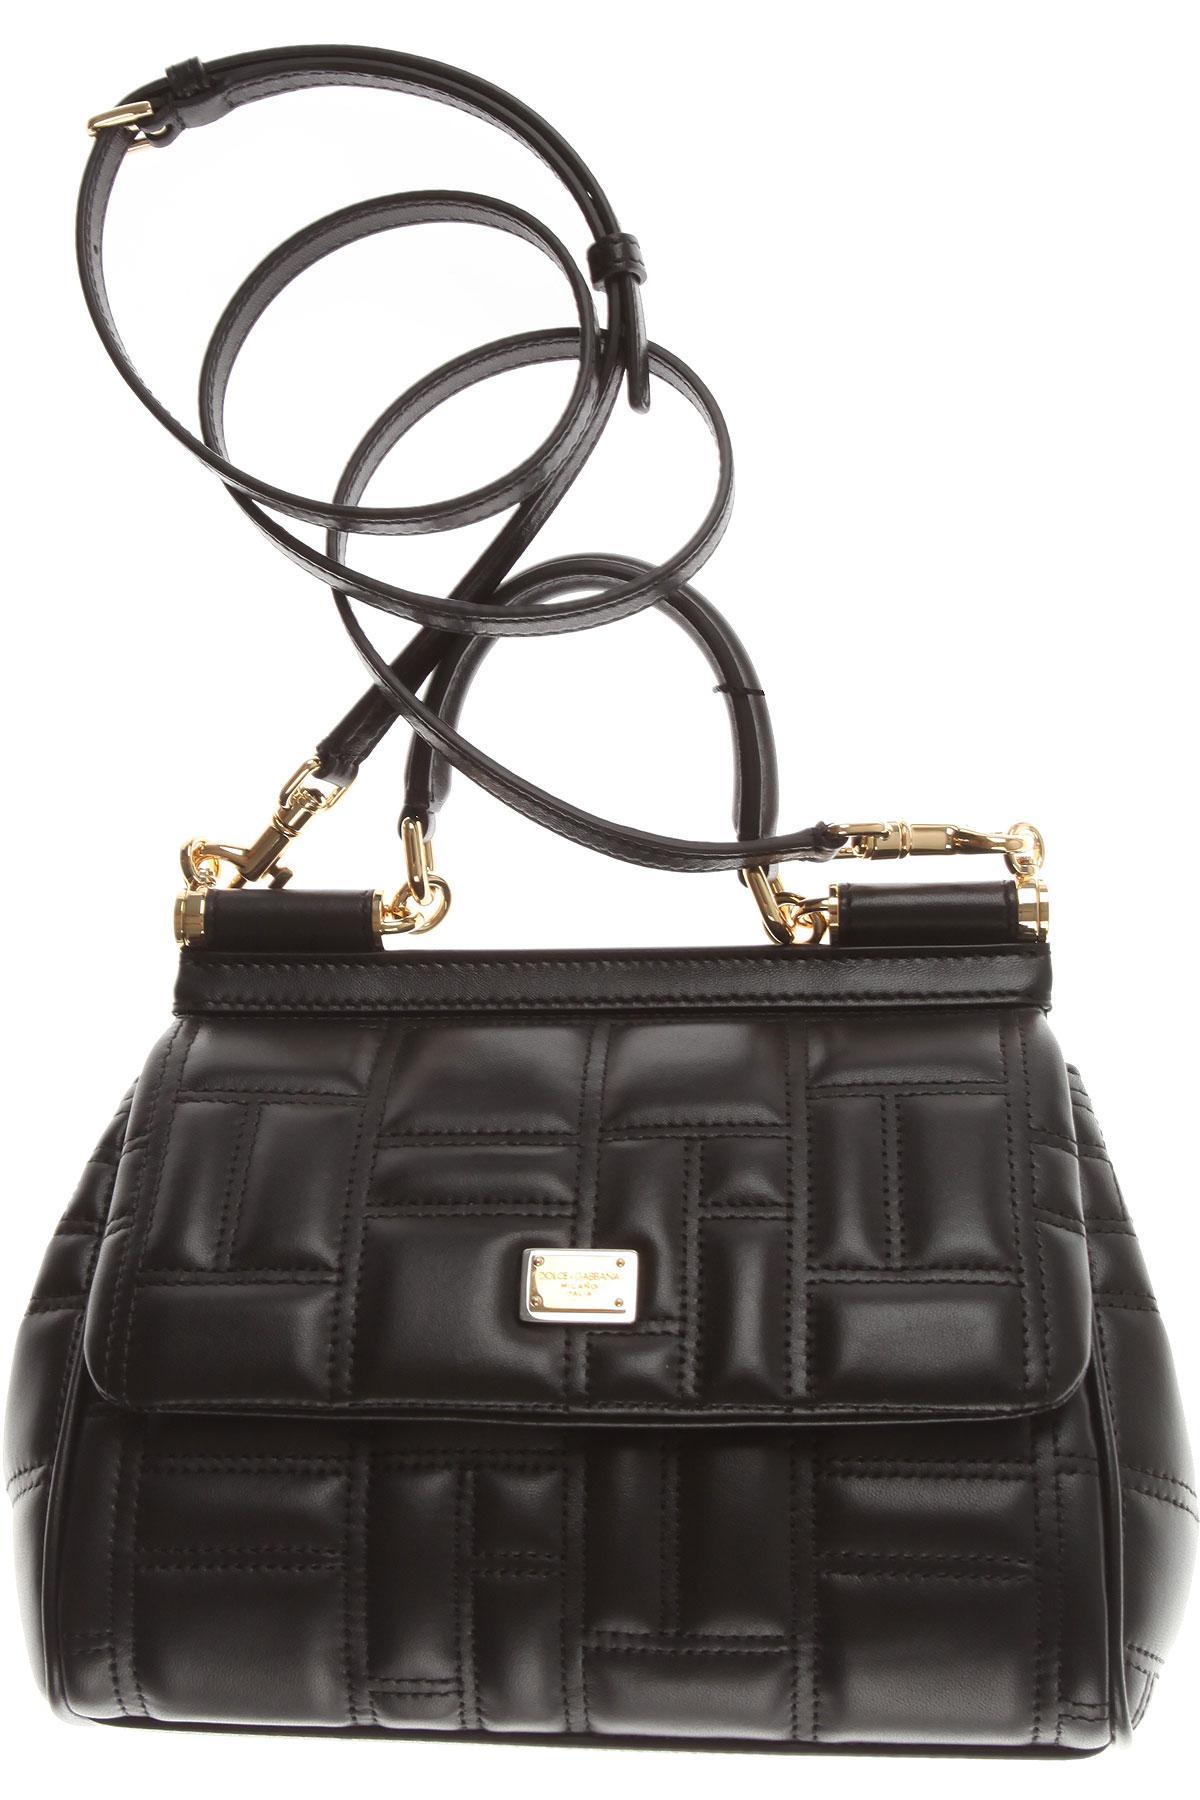 ff8eb025401 dolce-gabbana-Black-Shoulder-Bag-For-Women.jpeg